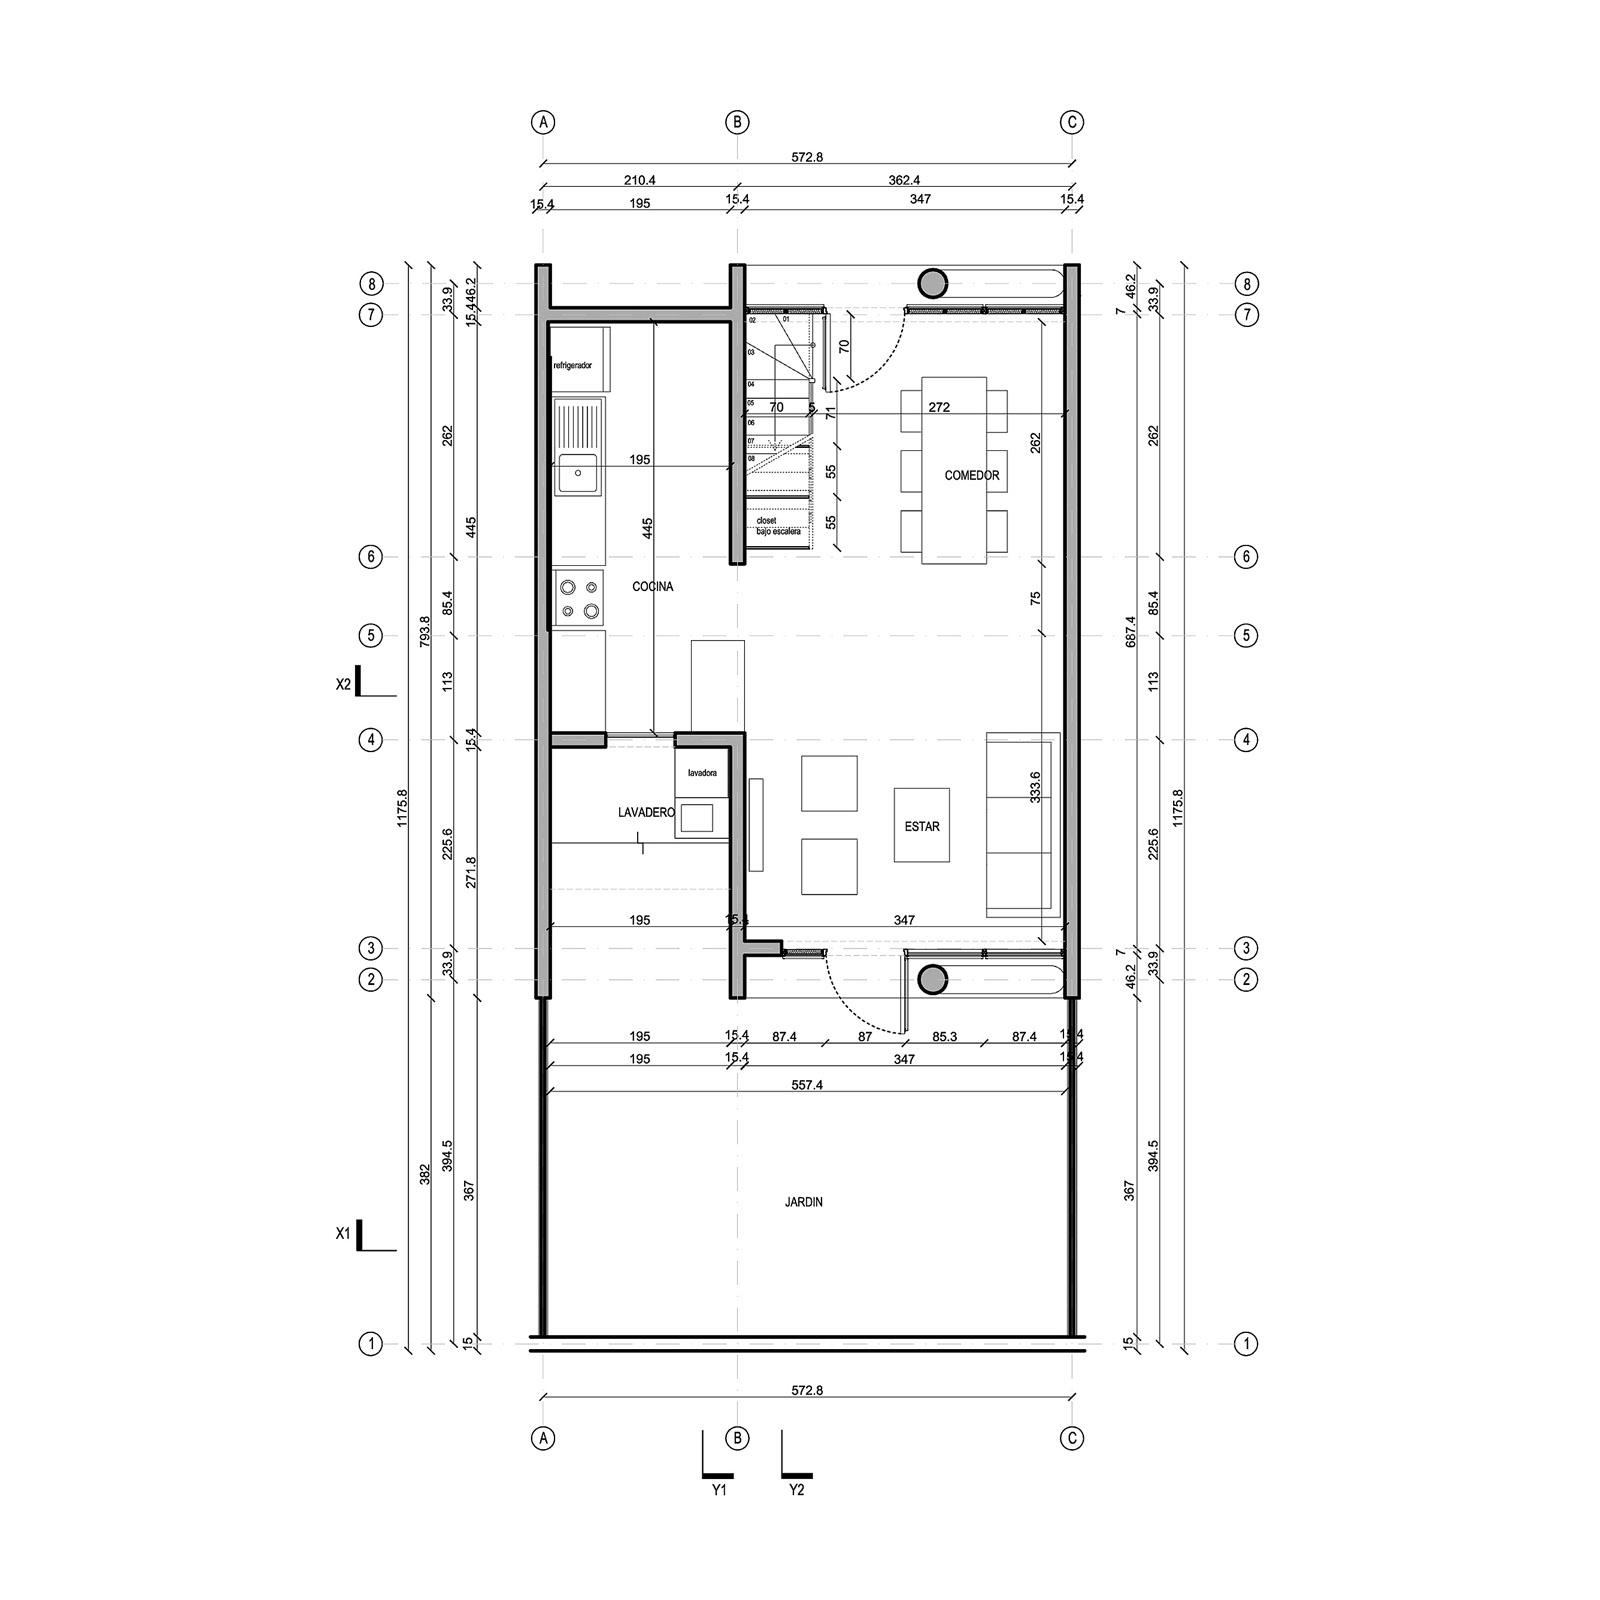 H:DatosDesktop�710_VSH 11_casa nueva LAM 204 (1)